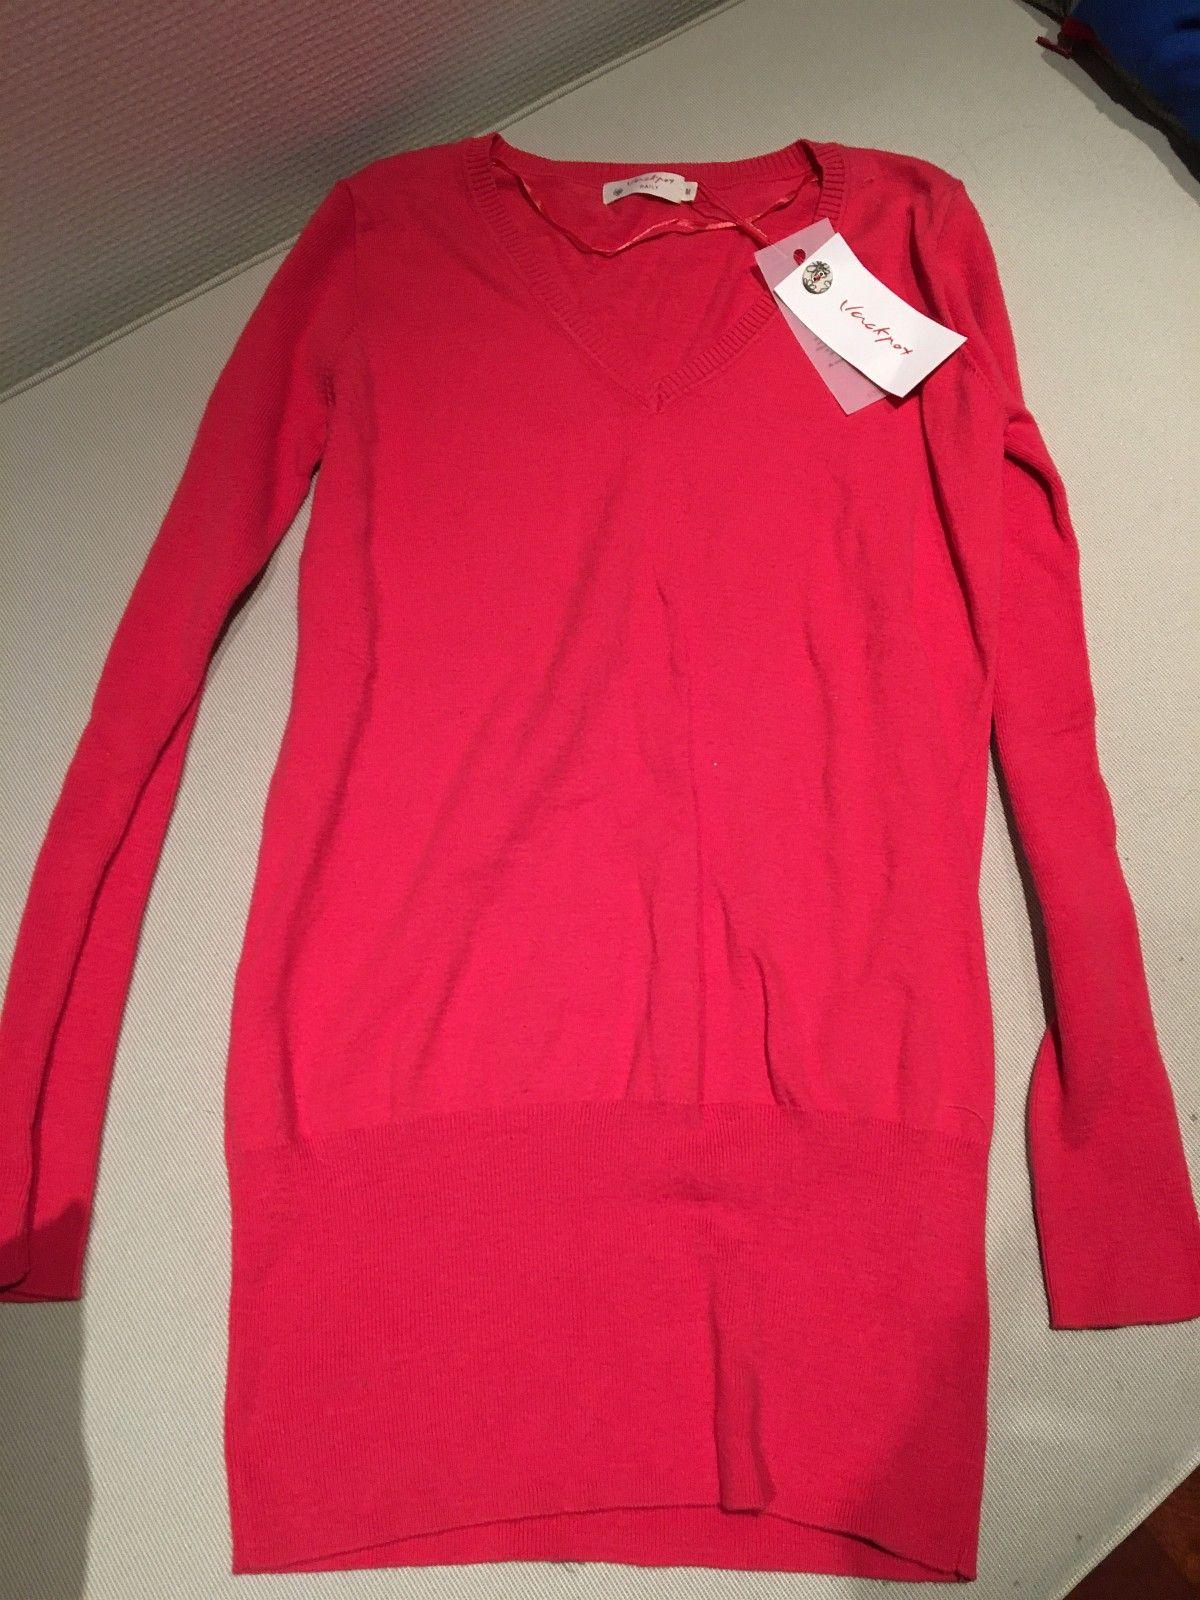 Ubrukt Jackpot genser i nydelig farge - str M. Bare 99kr! - Lørenskog  - Ubrukt Jackpot genser i fresh farge - str M. Bare 99kr! - Lørenskog